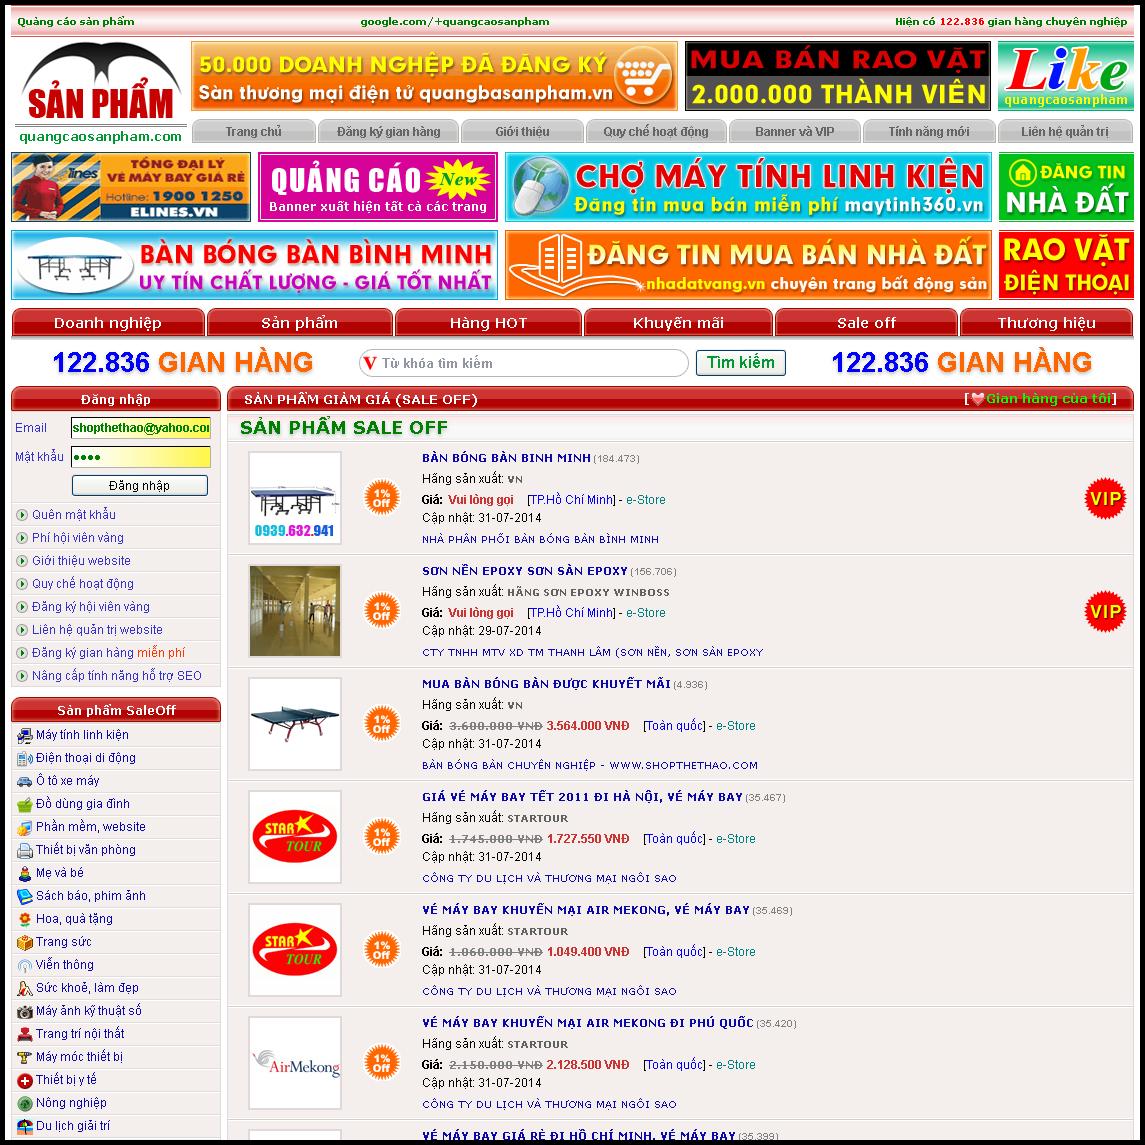 http://quangcaosanpham.com/sale-off/